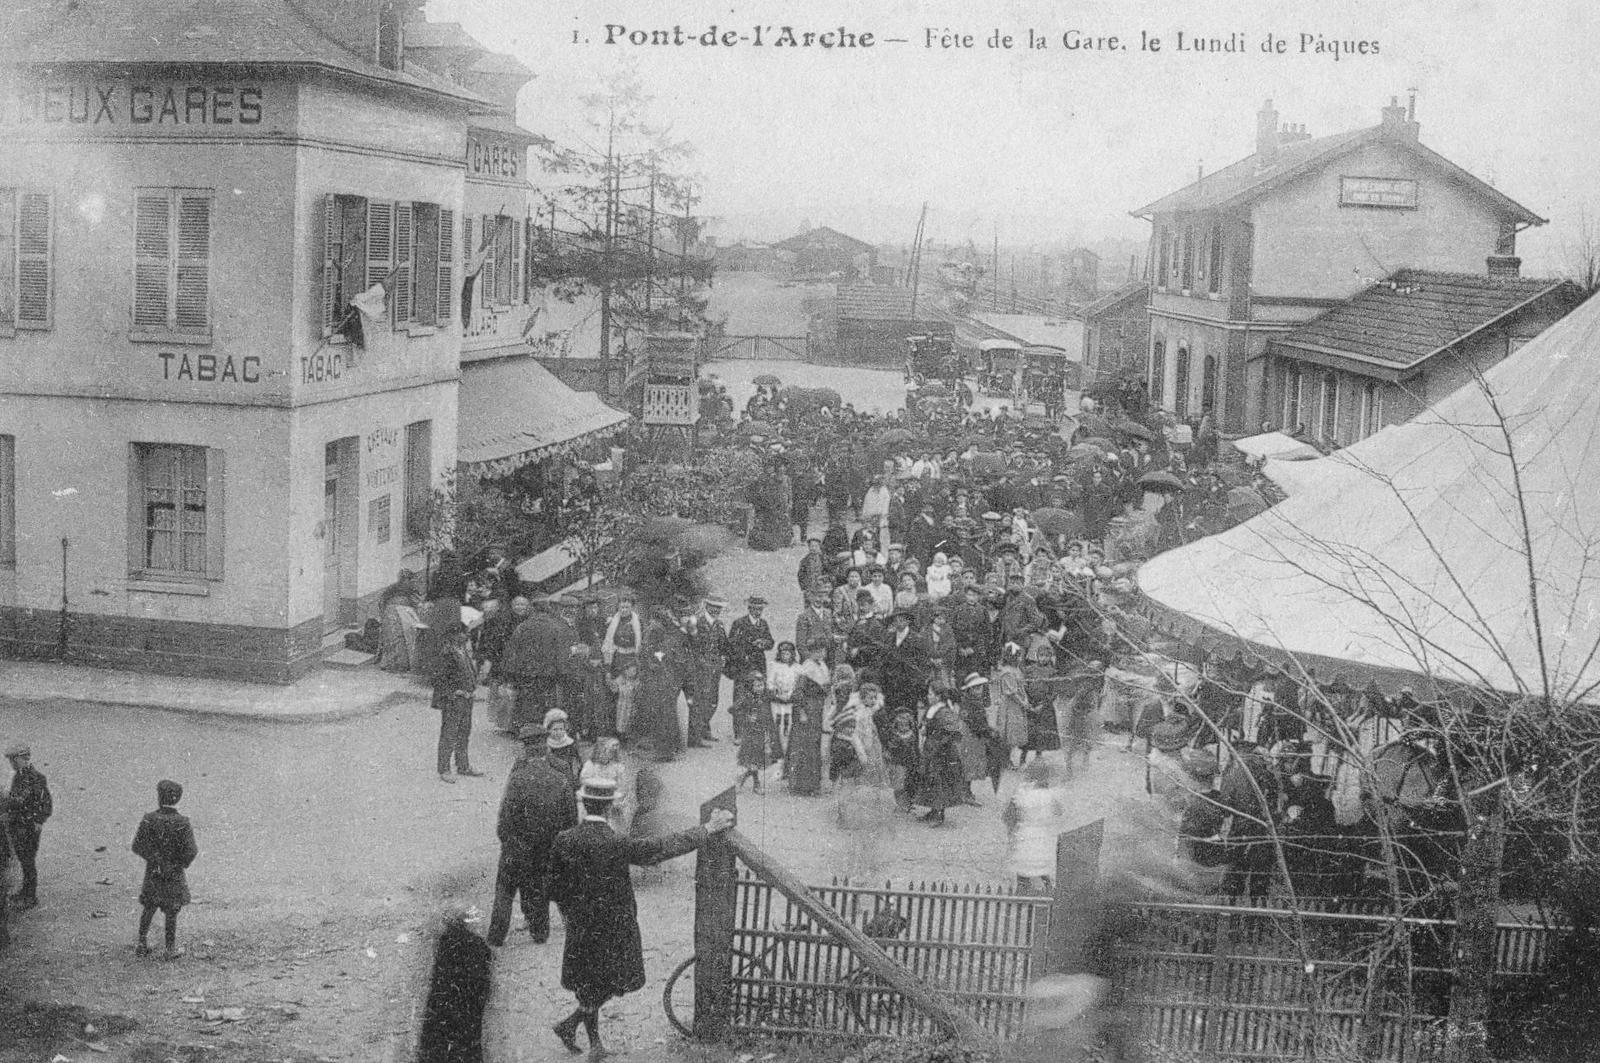 La fête de la gare sur une photographie des années 1910.